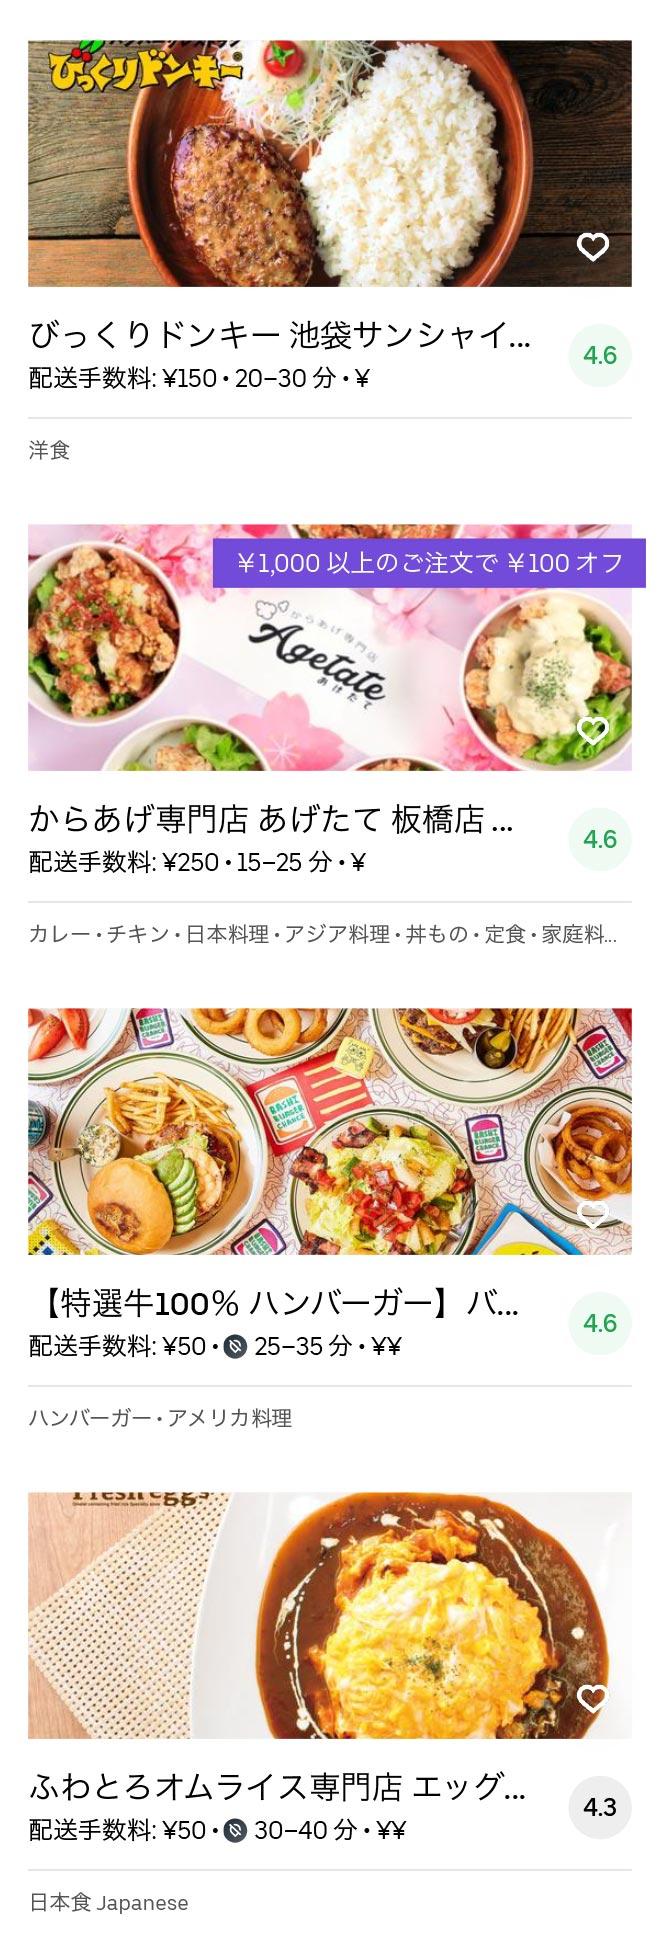 Tokyo otsuka menu 2005 09